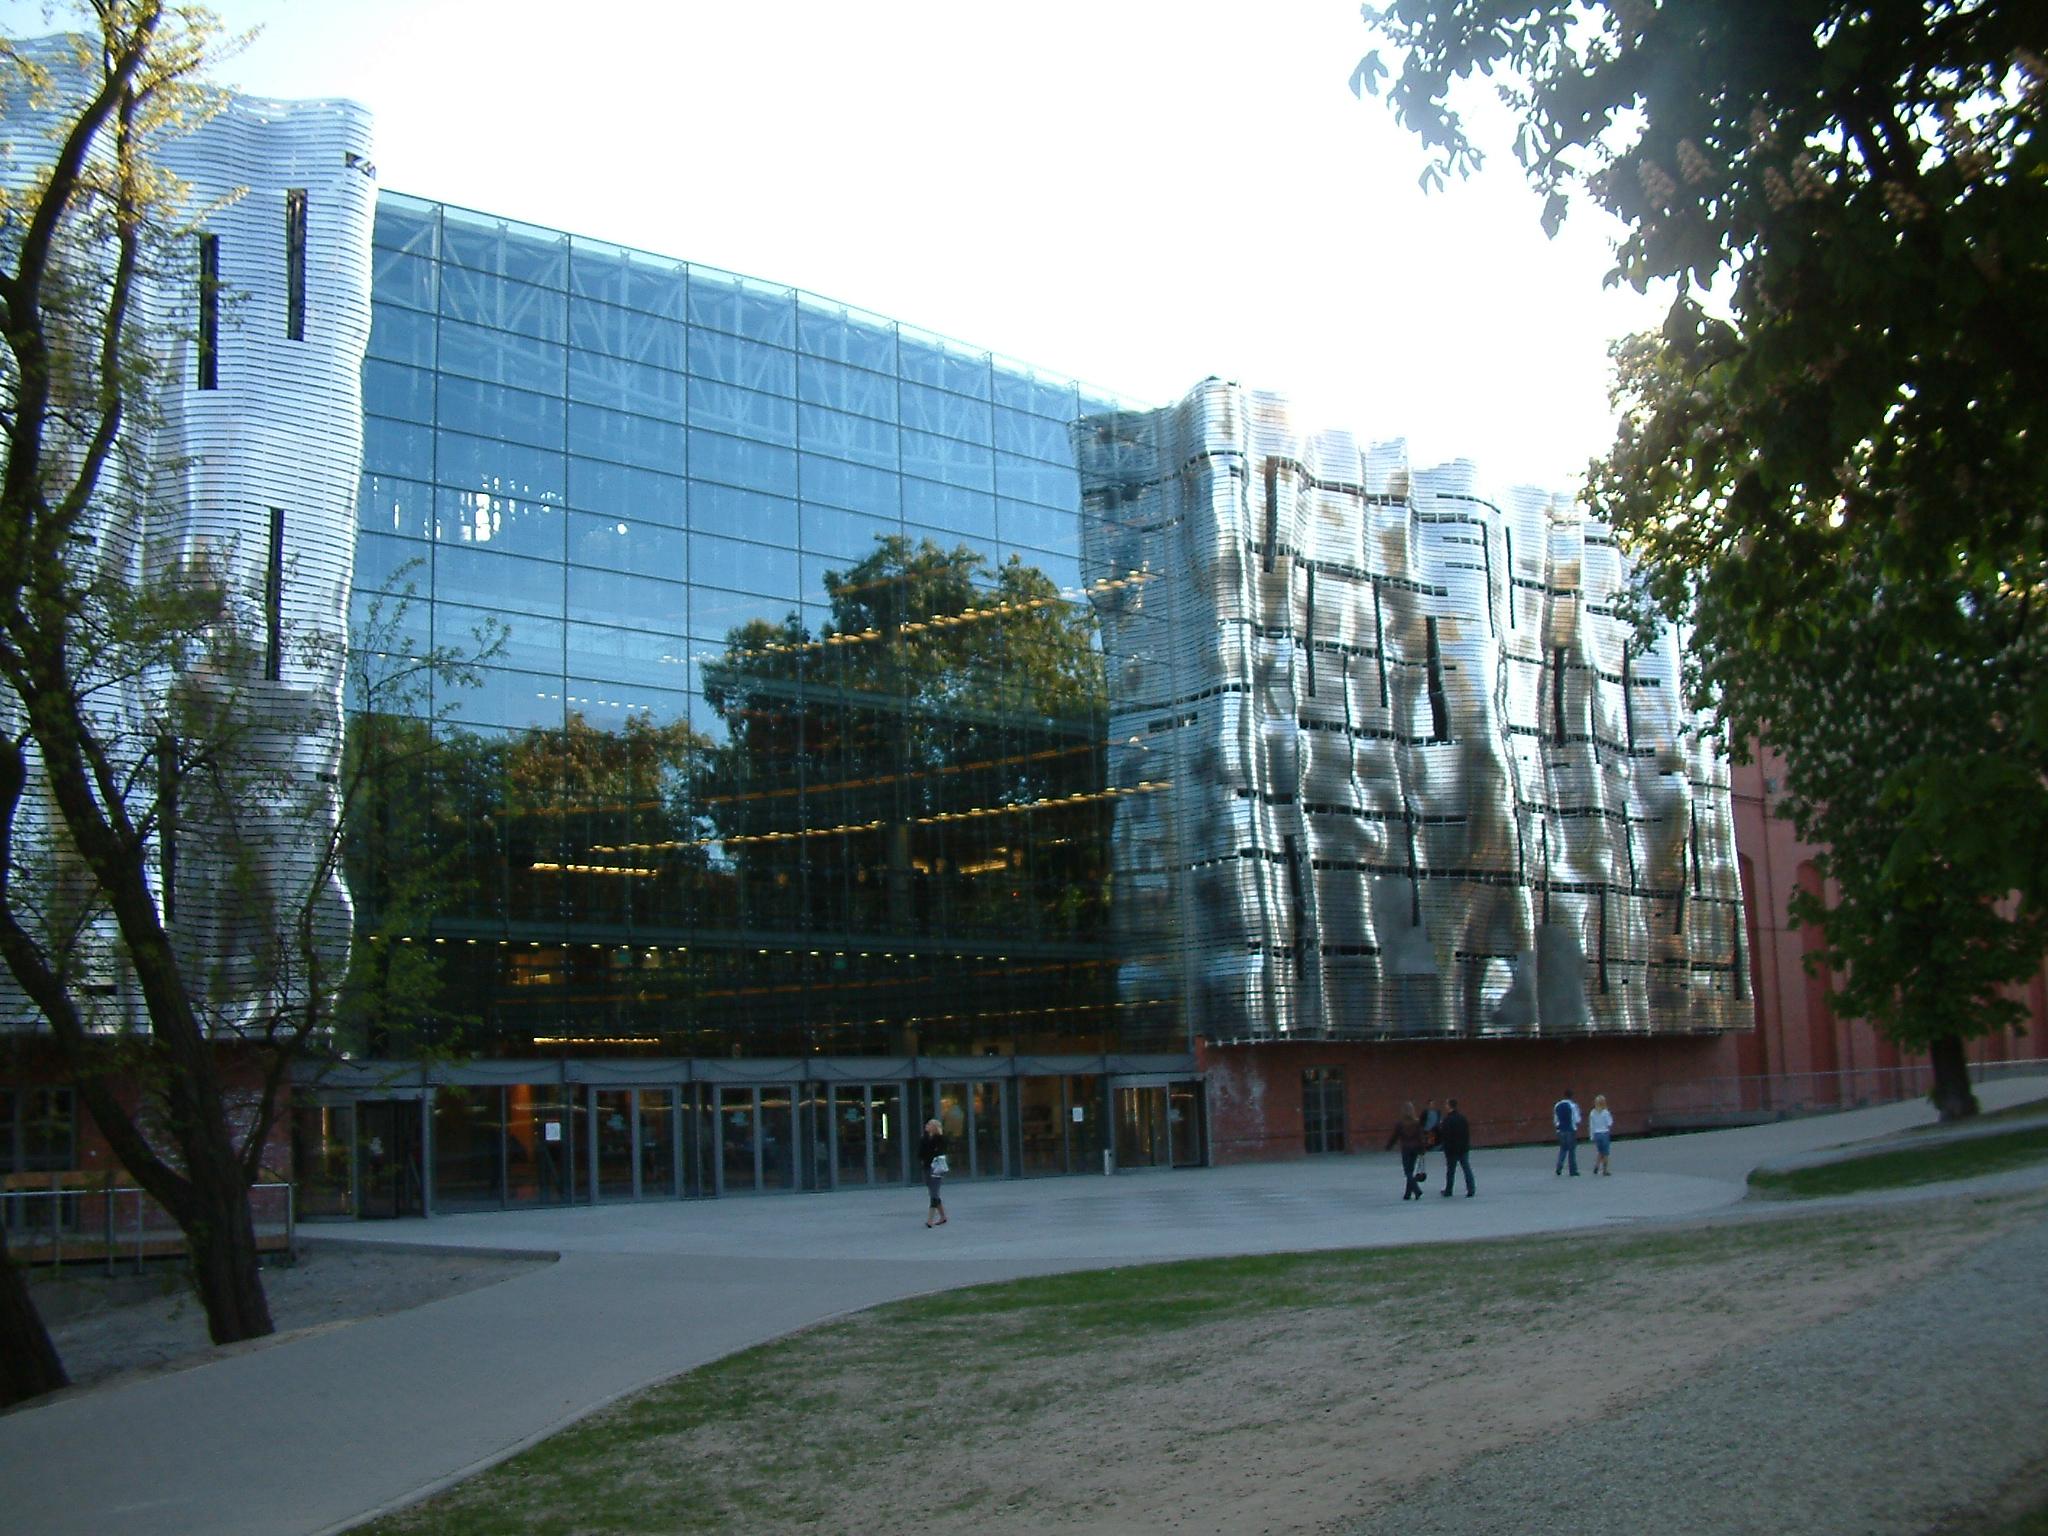 File Stary Browar Nowy Poznań RB1 JPG  Wikimedia Commons -> Projekt Kuchnia Stary Browar Poznan